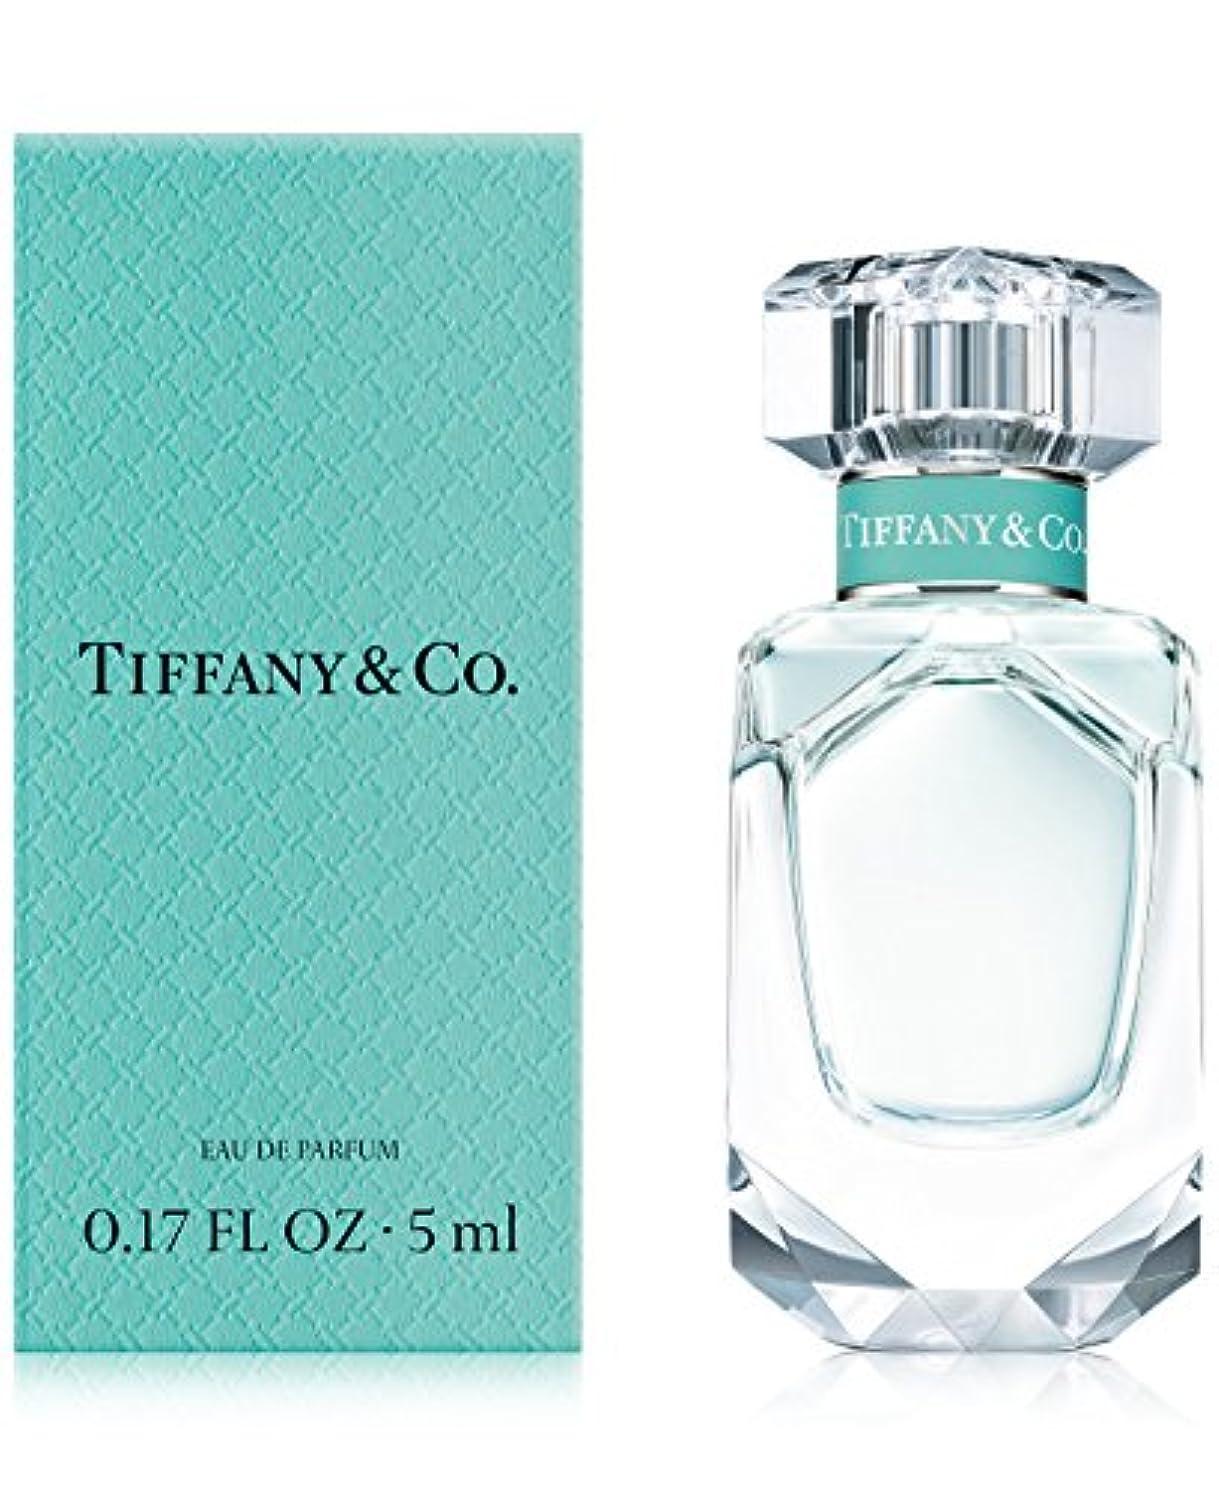 インセンティブ小人援助Tiffany&Co. ティファニー 香水 オードパルファム 5ml ミニサイズ